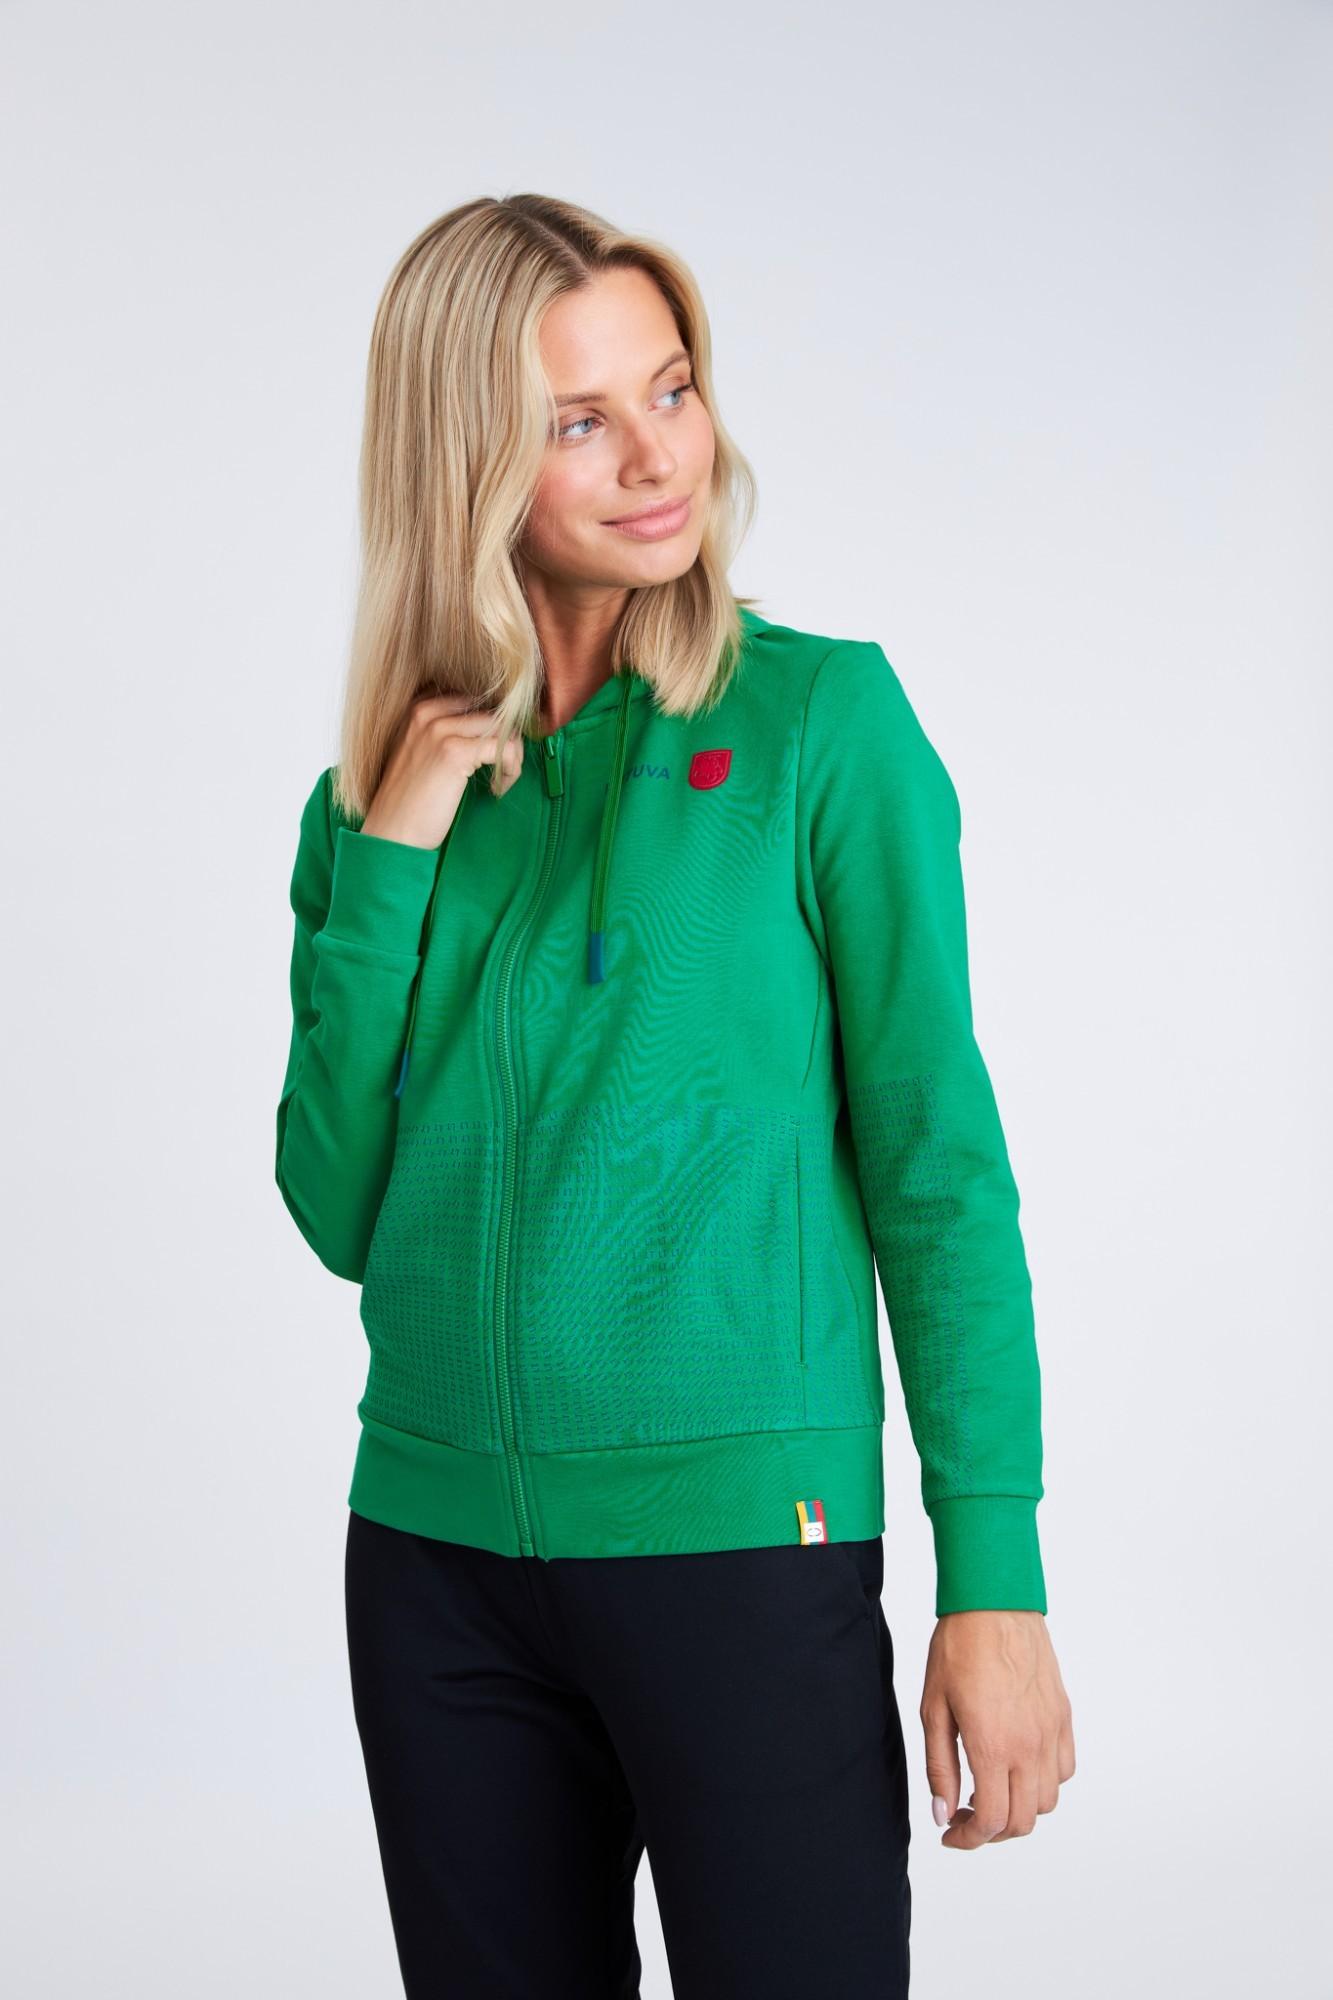 AUDIMAS Atsegamas tamprus medviln. džemp. 21LT-008 Jolly Green M